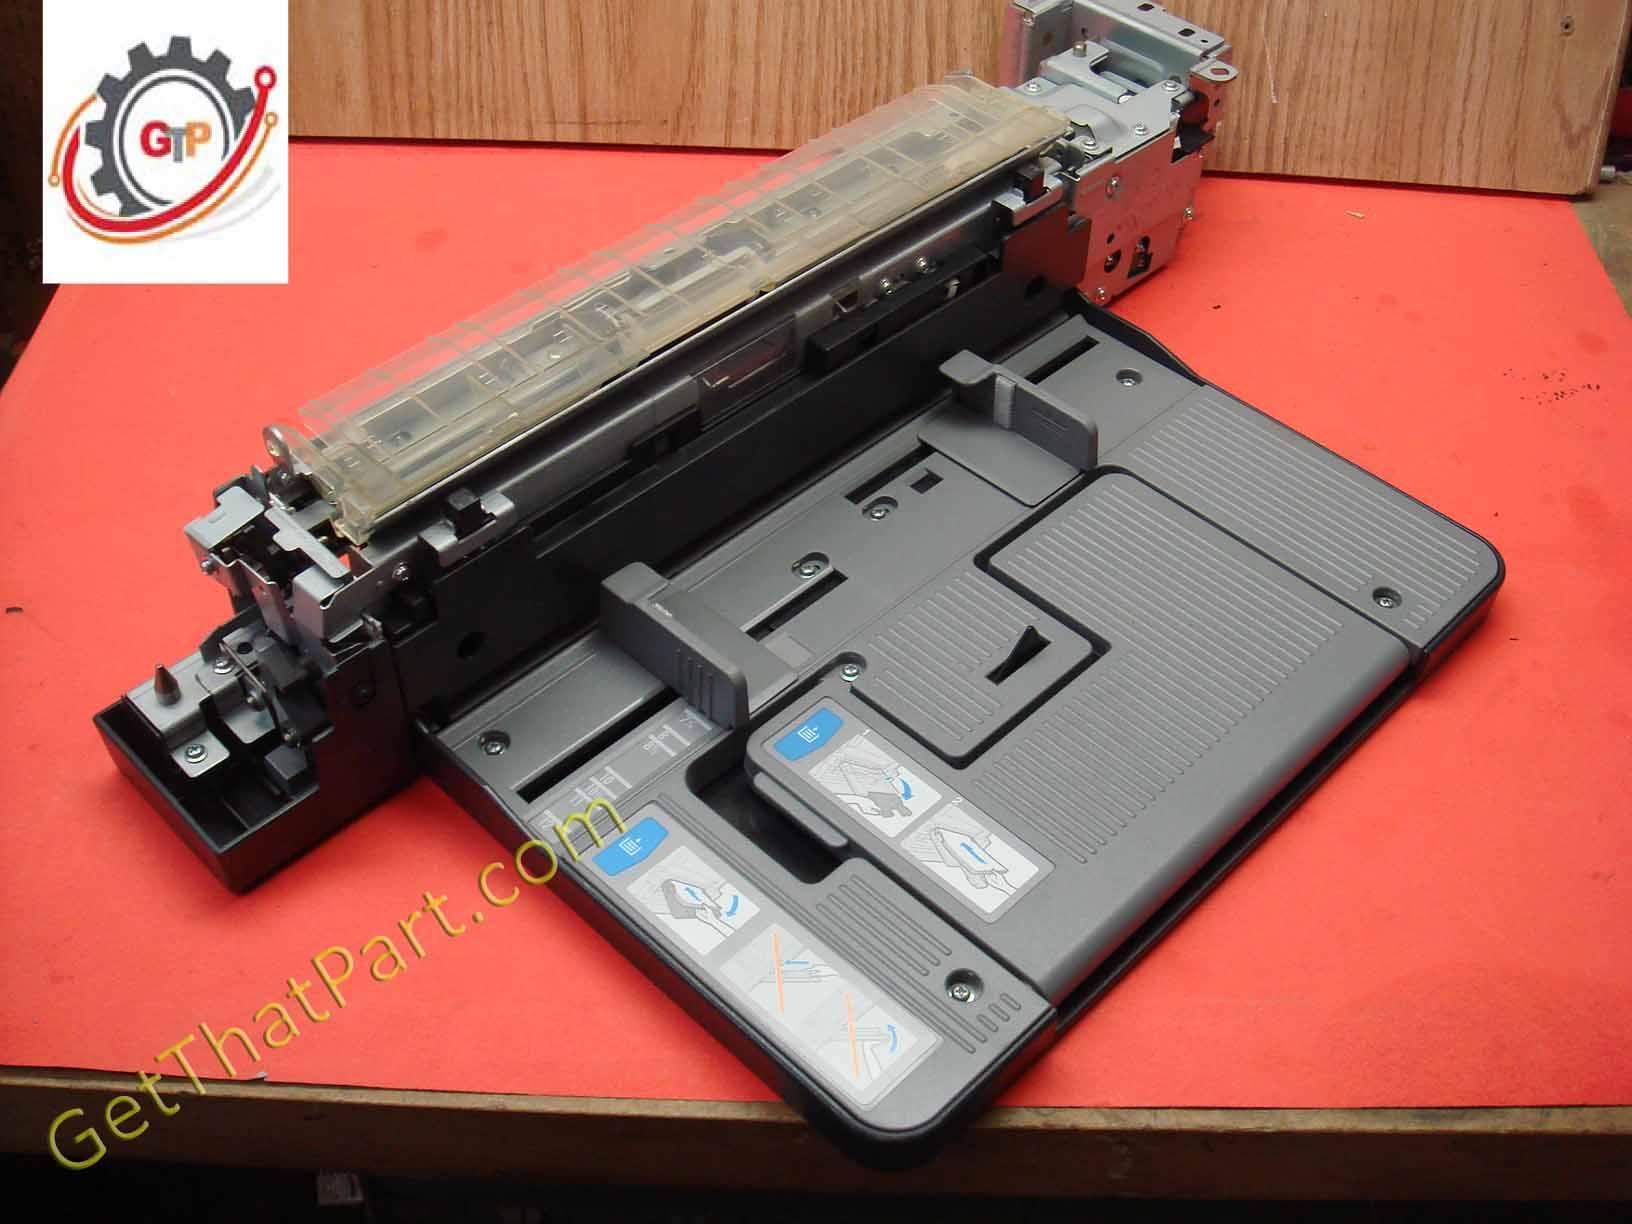 konica minolta bizhub c652 complete mpt manual feed bypass tray 3 rh ebay com konica minolta bizhub c452 manual download konica minolta bizhub c452 user guide